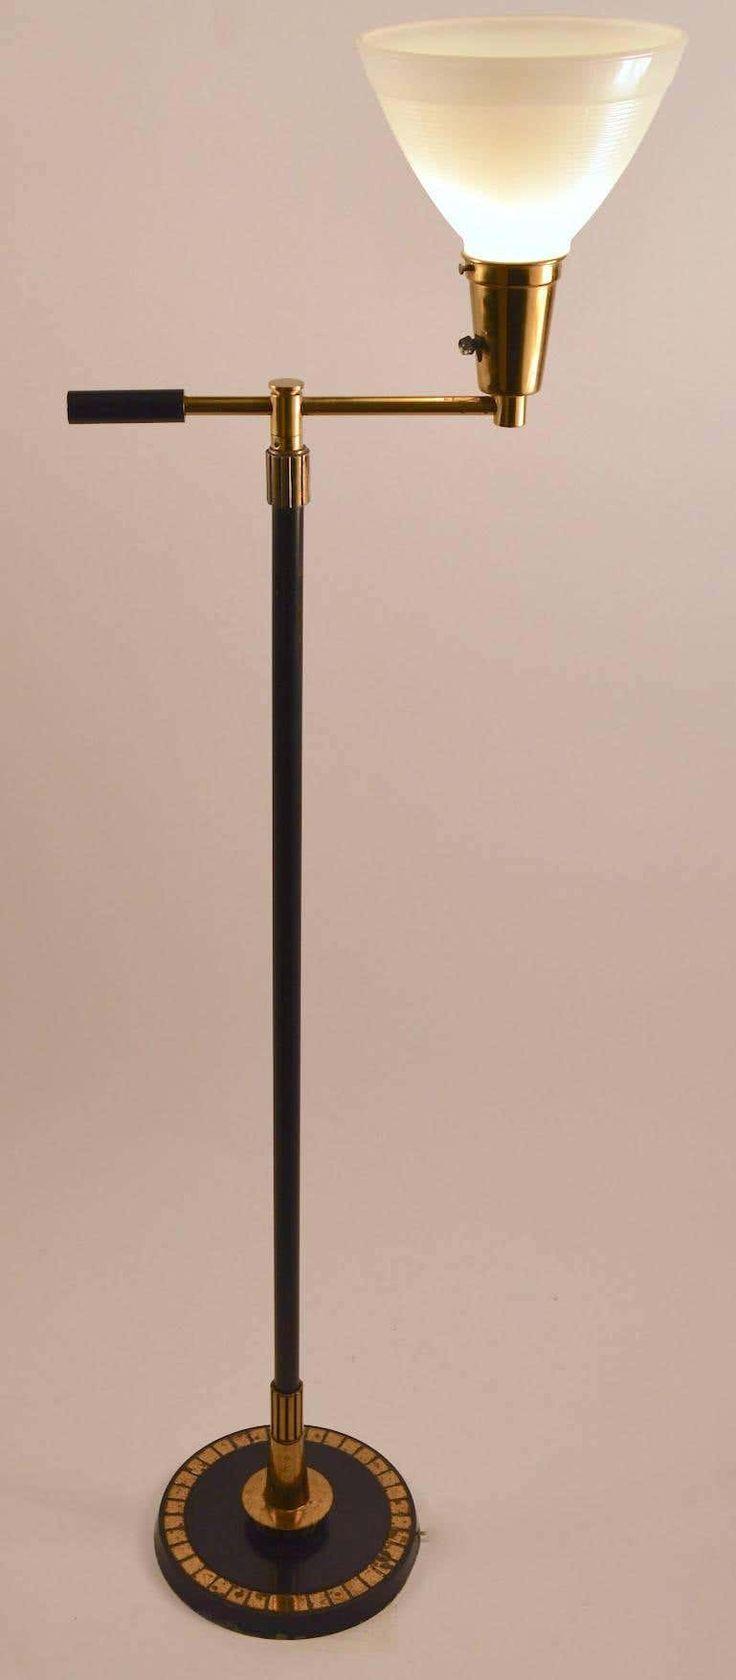 Stiffel Metal MidCentury Modern American Floor Lamp